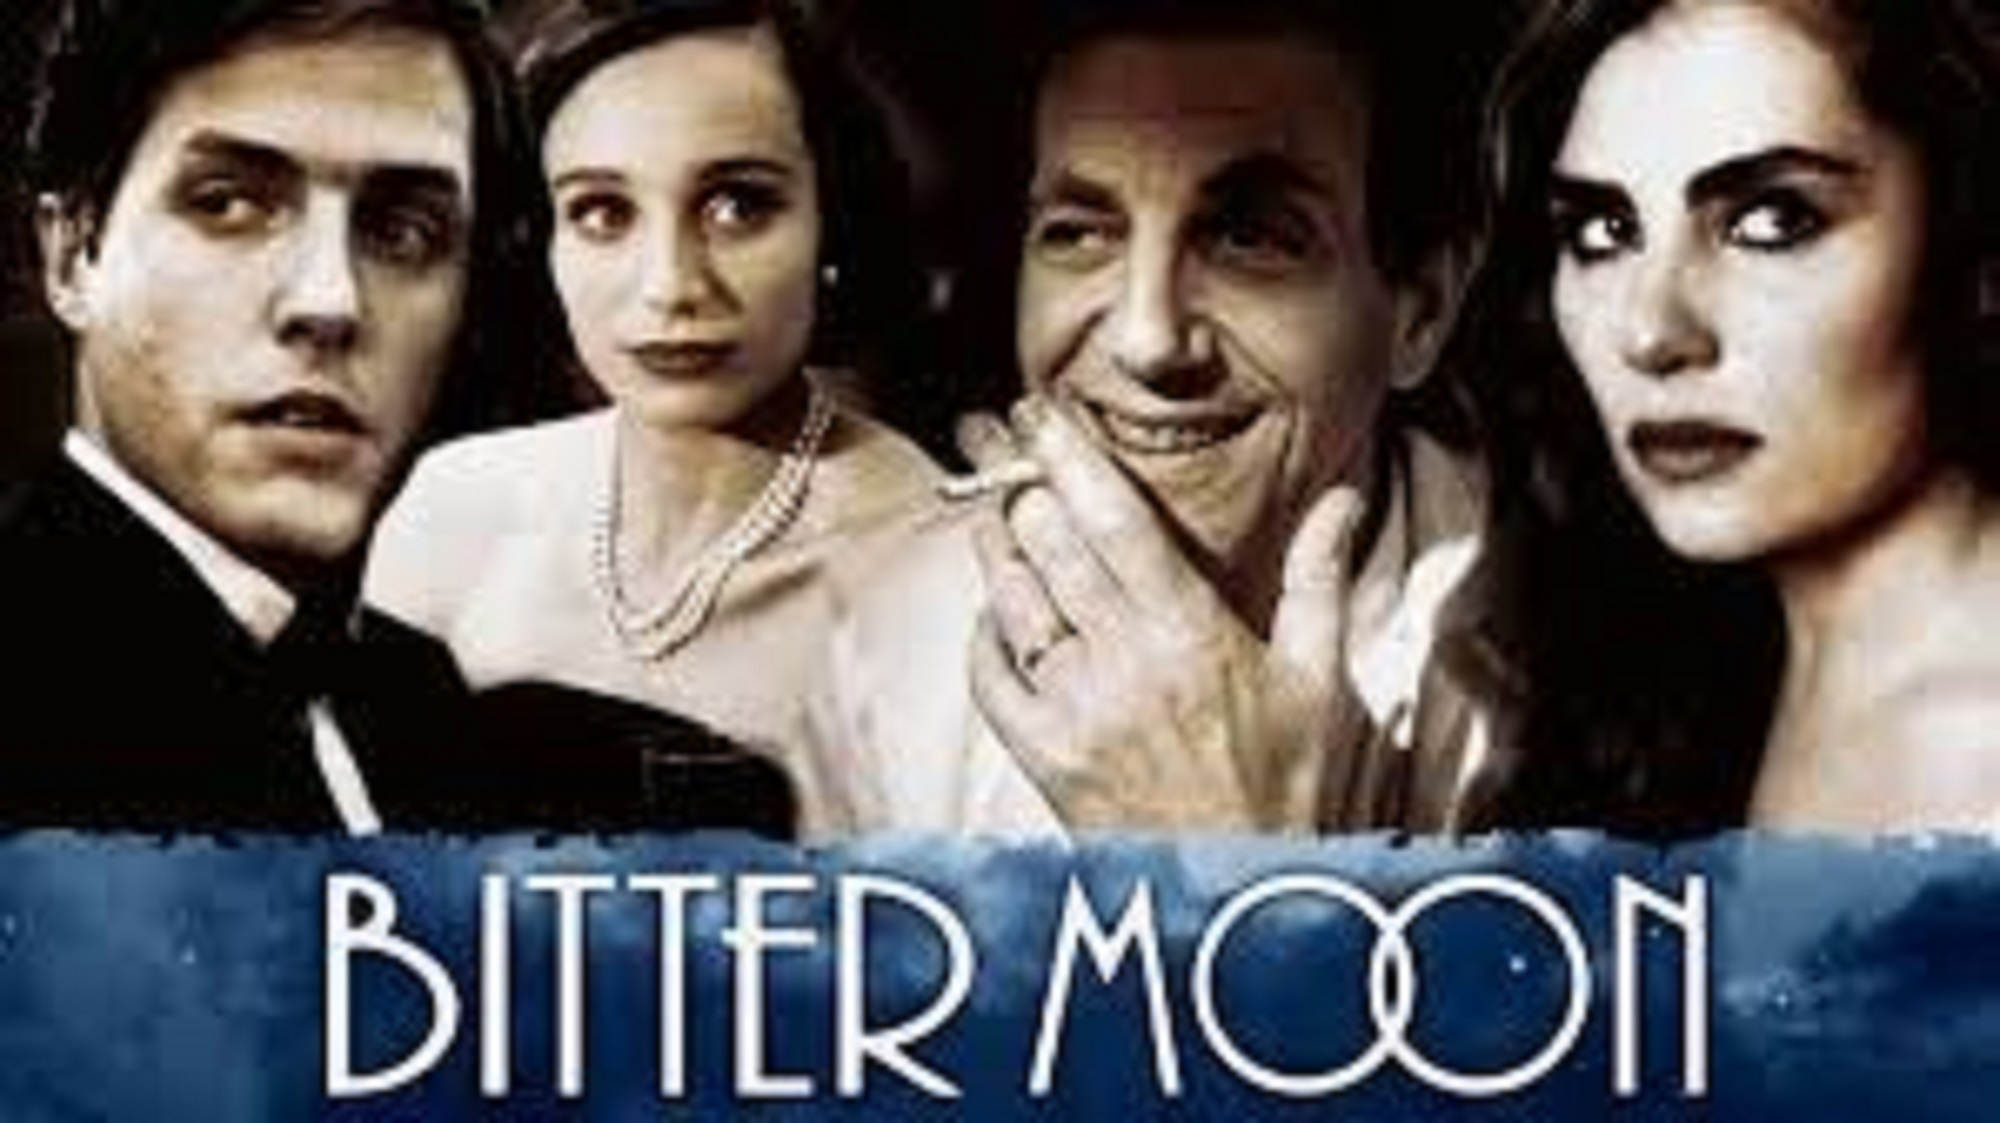 فیلم ماه تلخ: یک تحلیل روانشناختی